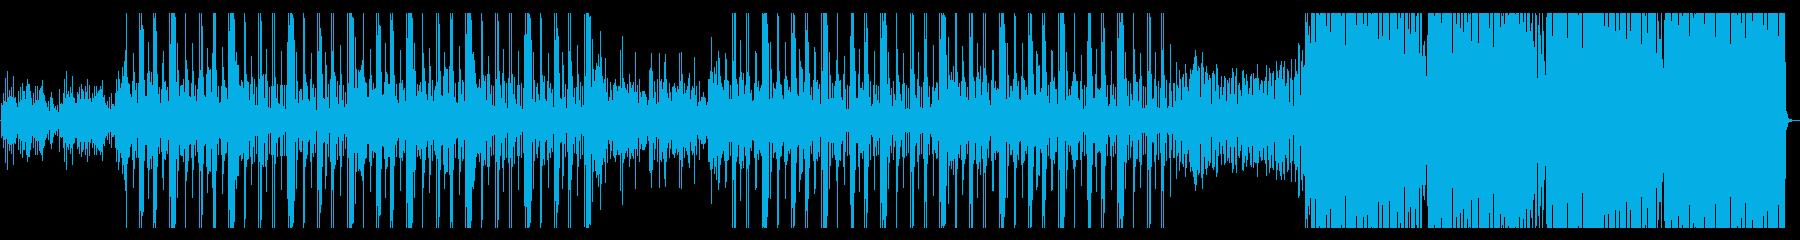 ヒップホップインスト&ダンストラックの再生済みの波形